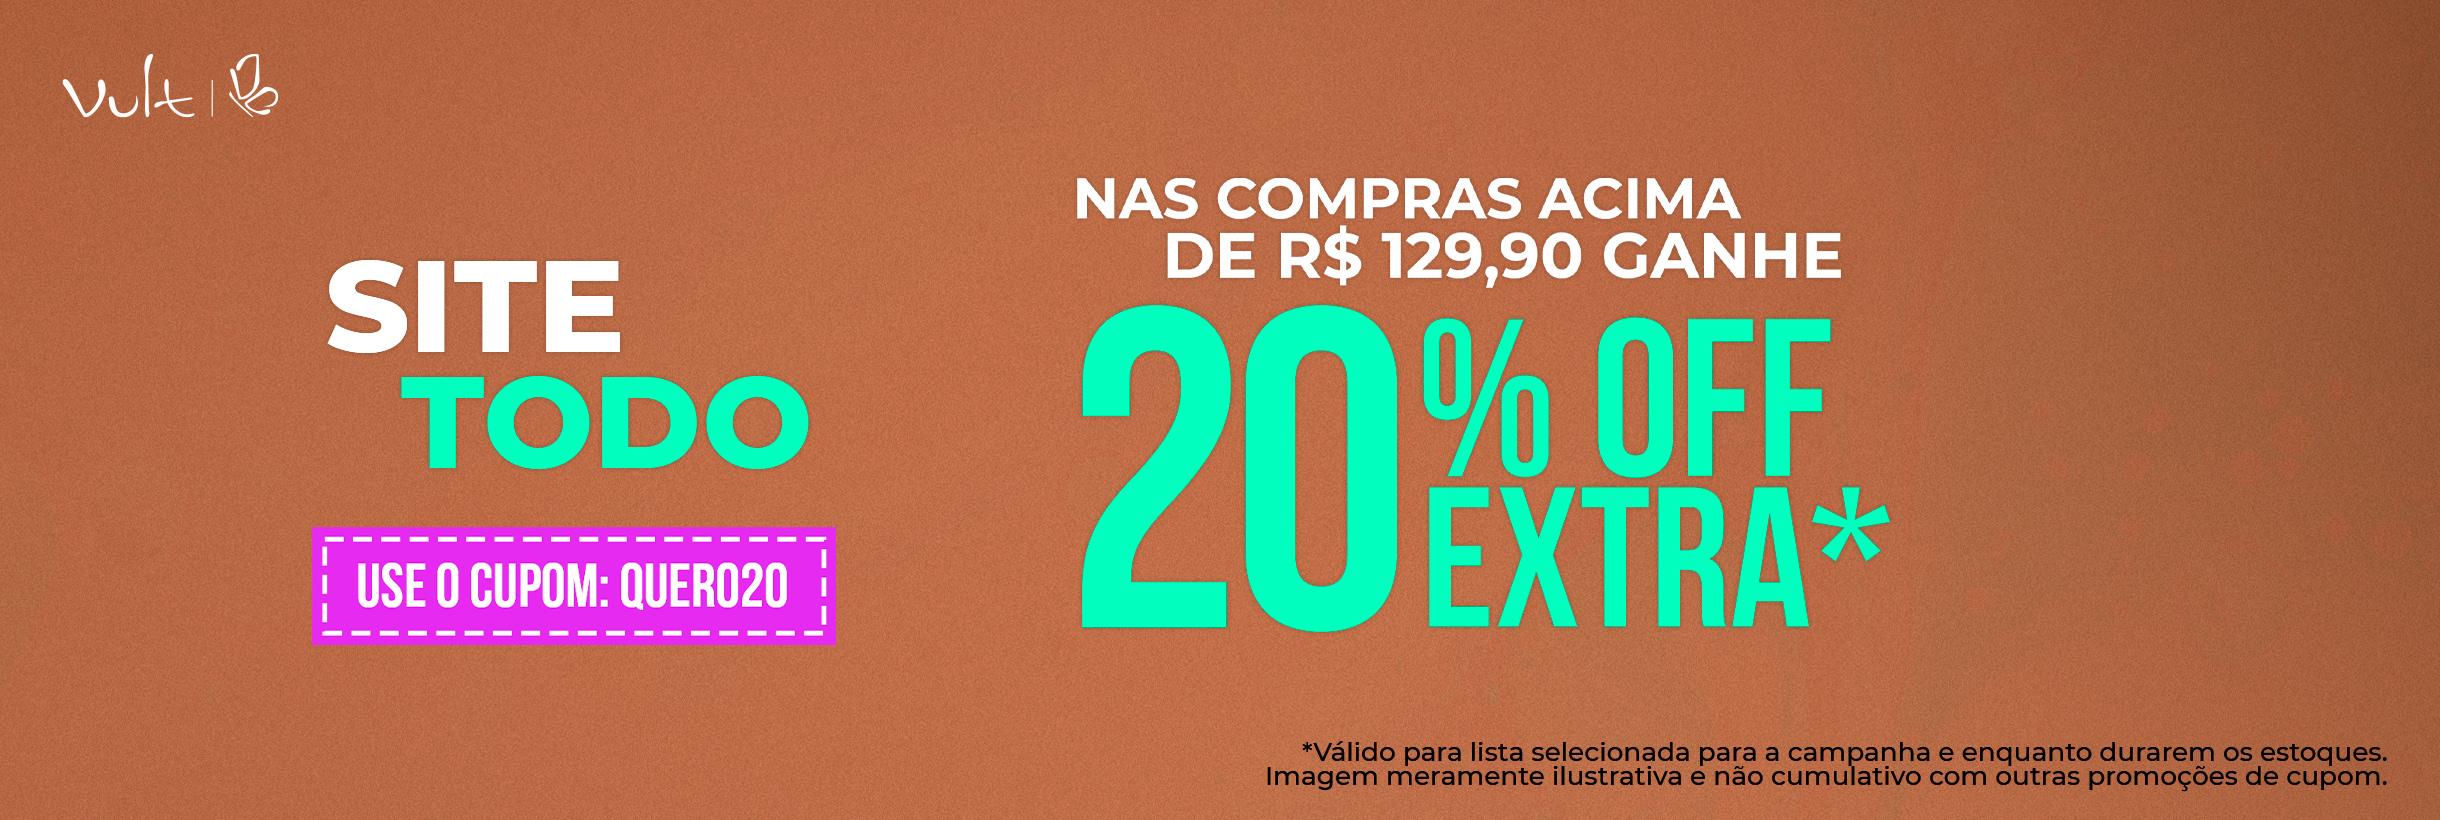 Nas compras acima de R$ 129,90 ganhe 20% OFF EXTRA